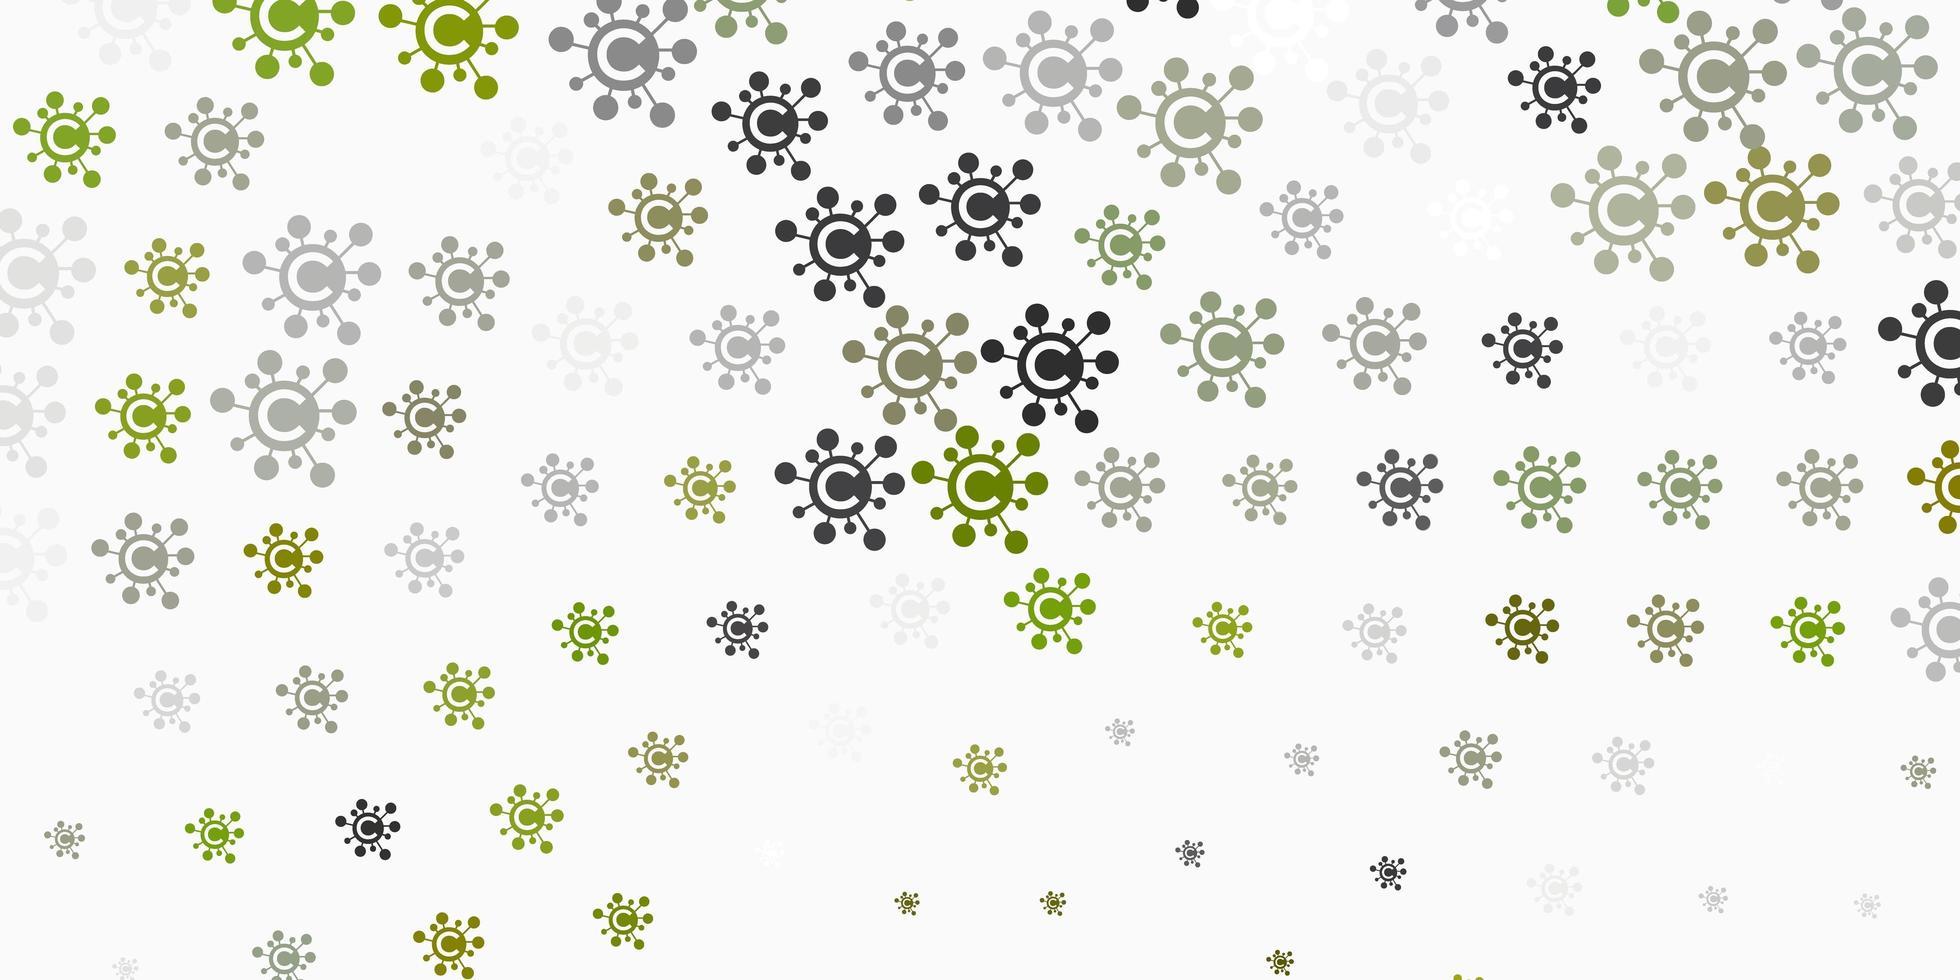 lichtgrijs vectorpatroon met coronaviruselementen. vector